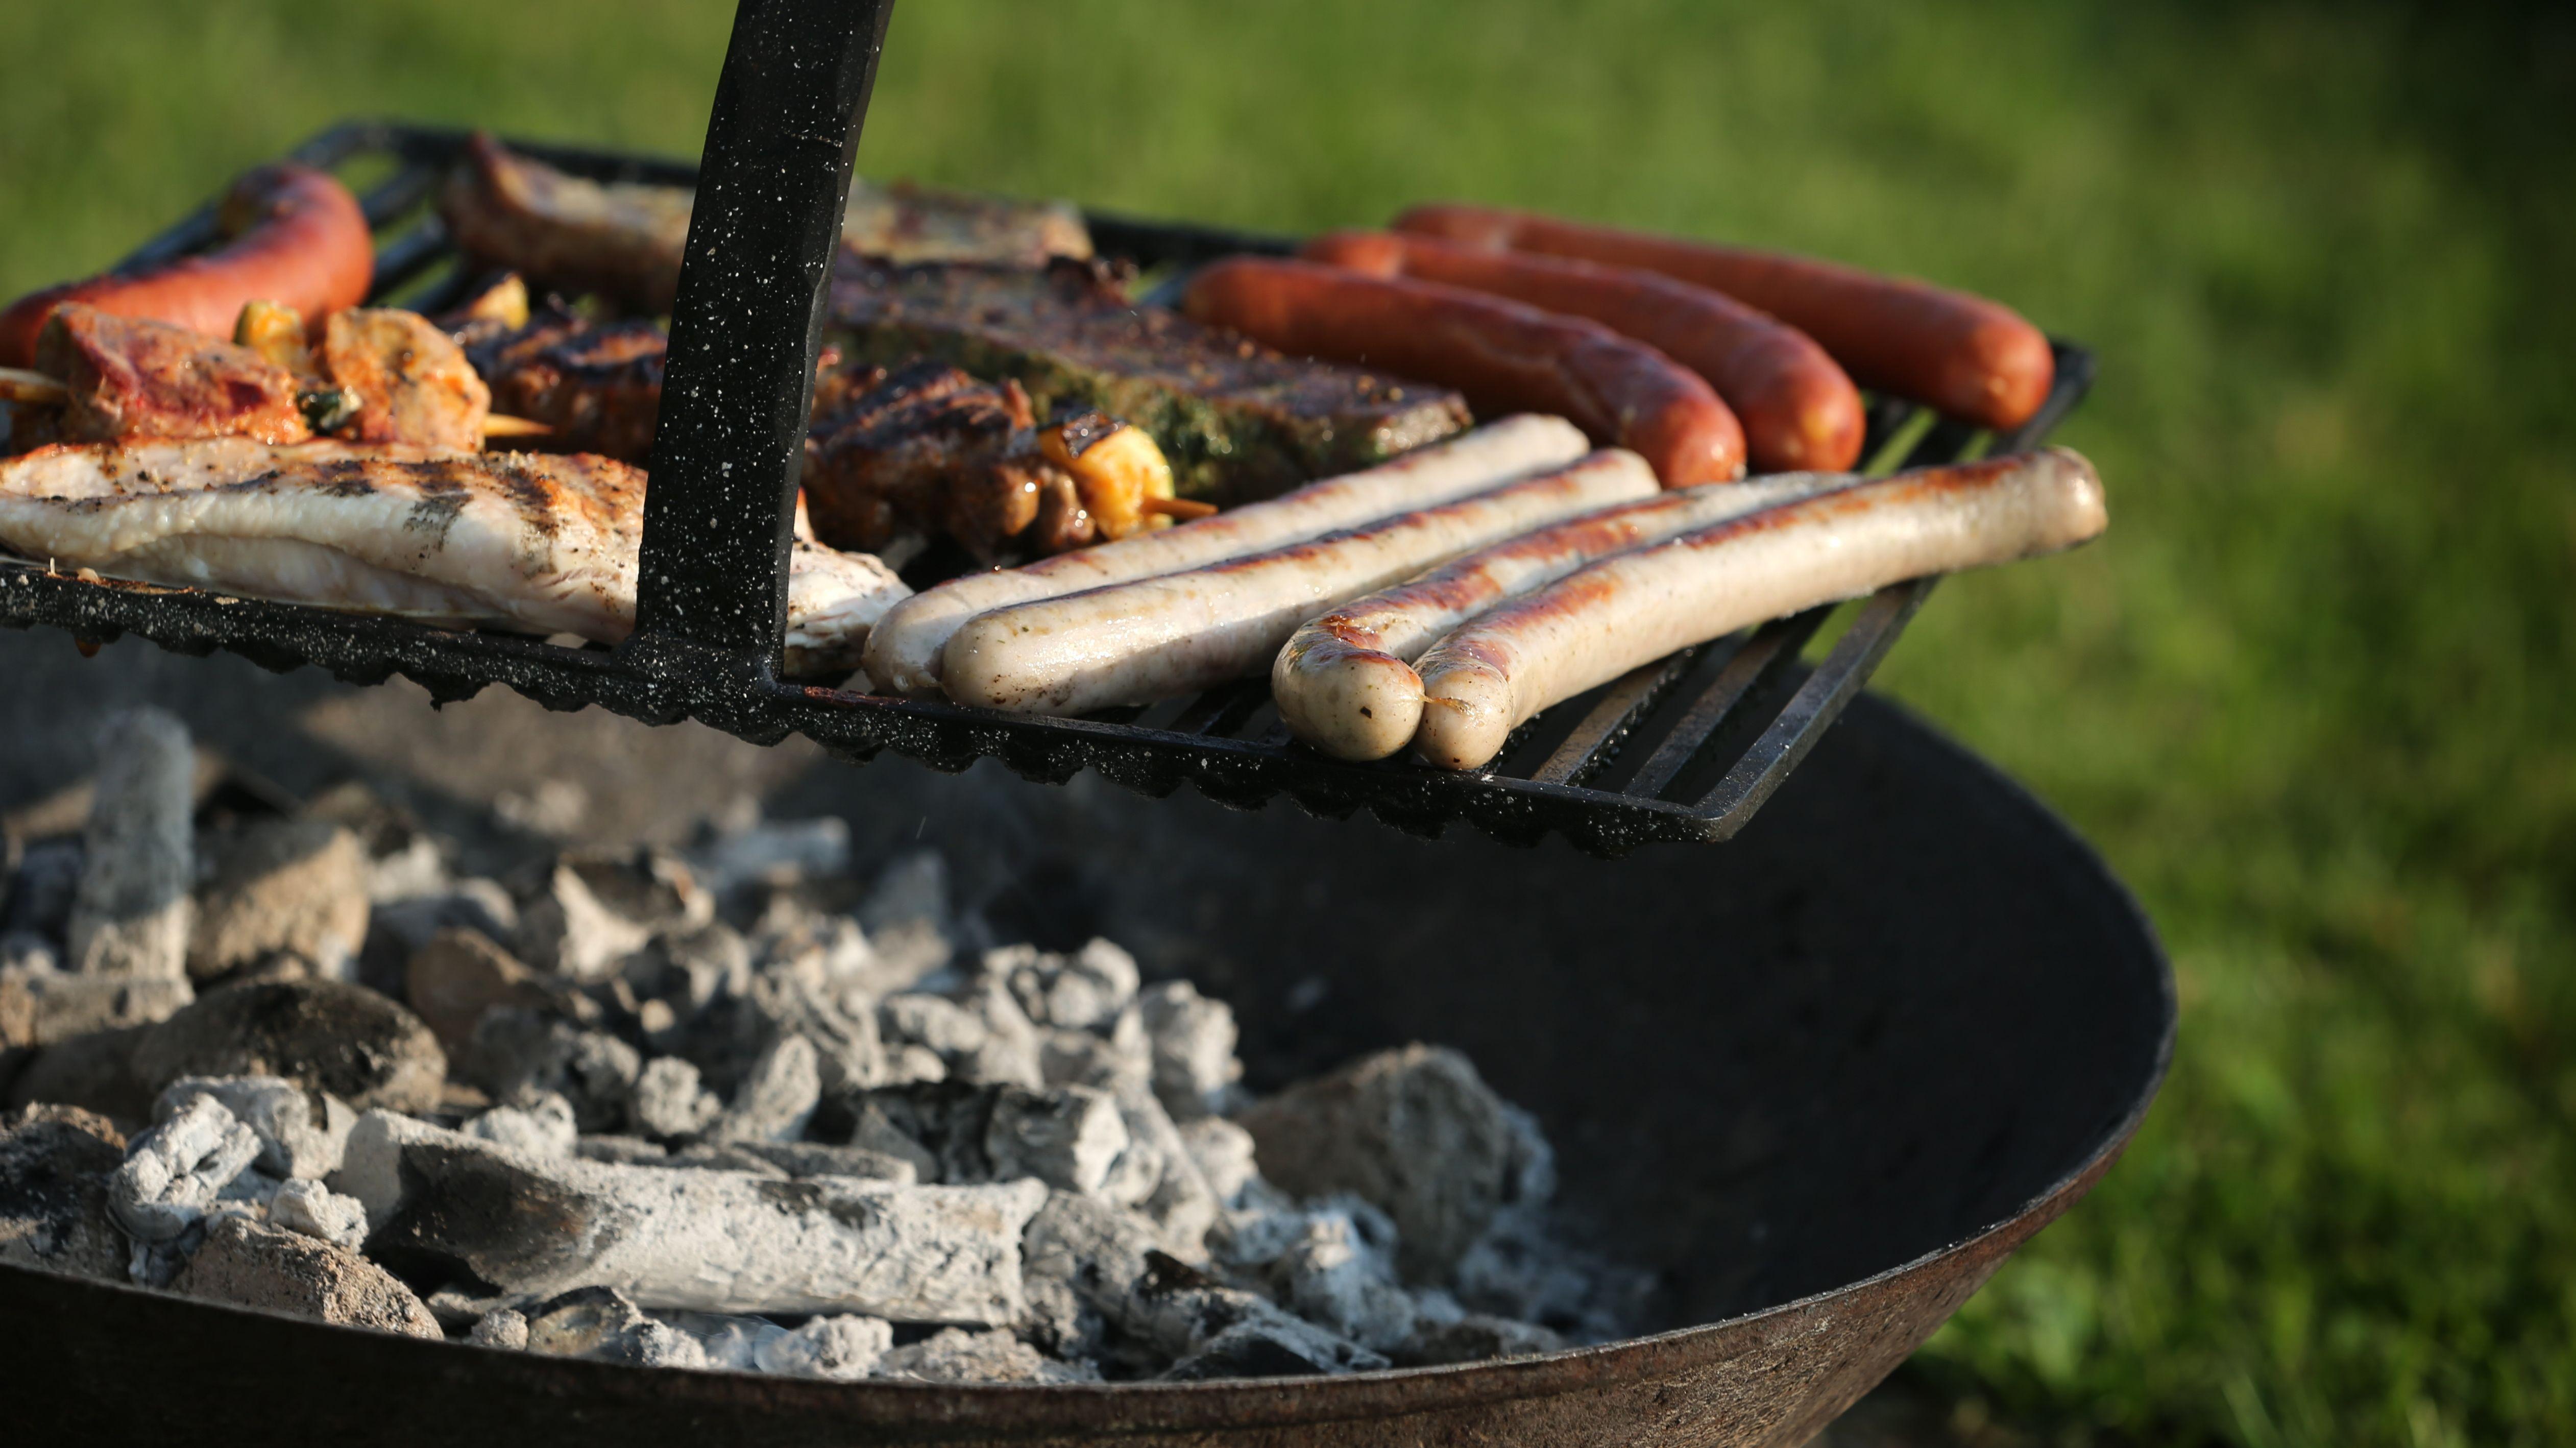 Würstl und Fleisch auf einem Kohle-Grill